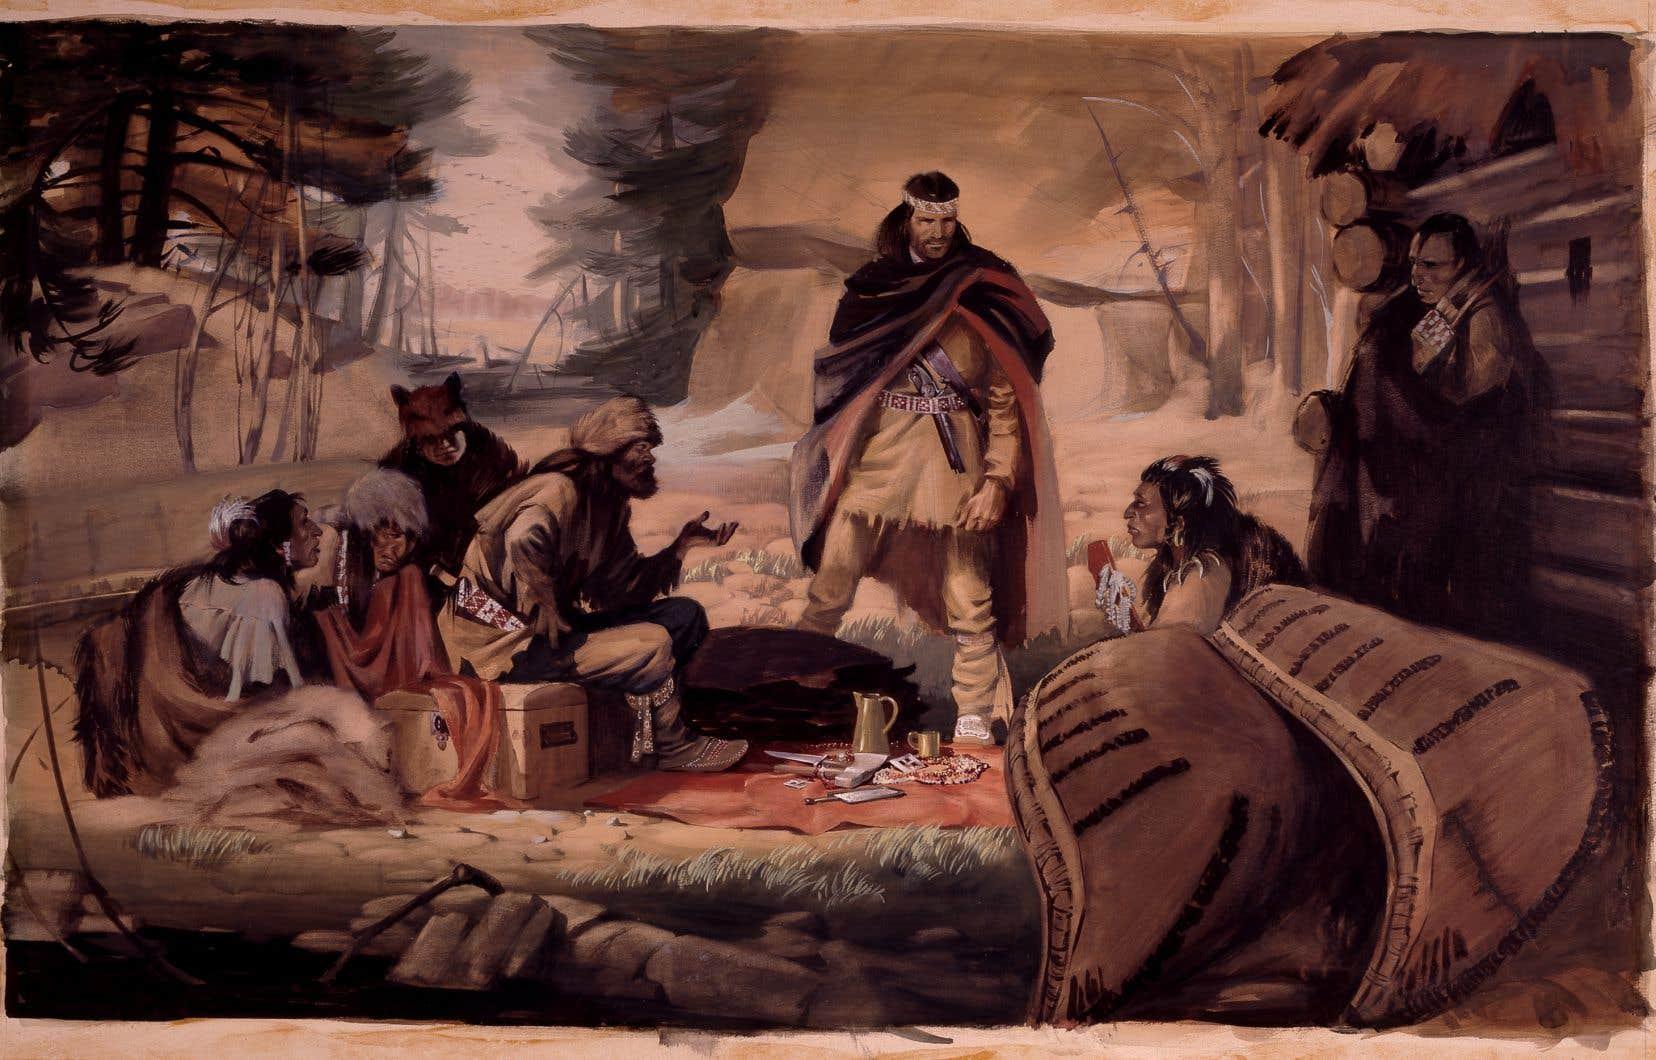 Radisson et Des Groseillers établissant le commerce des fourrures dans le Nord-Ouest, 1662 M993.154.313